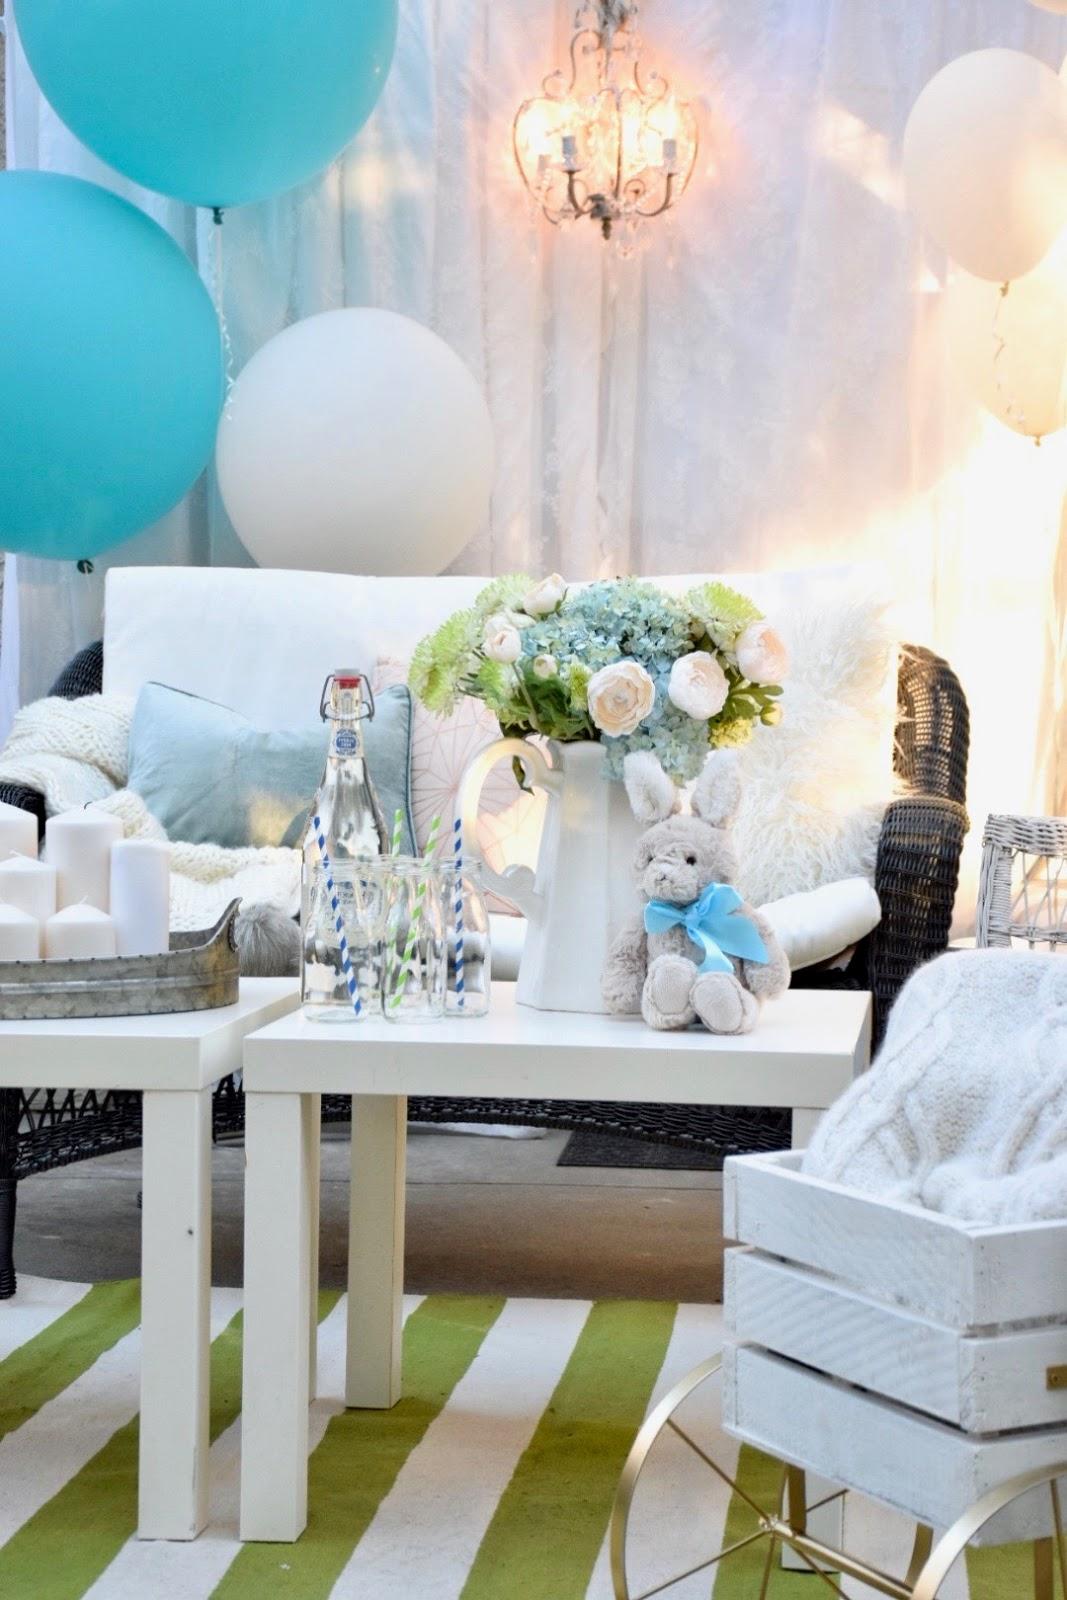 baby-shower-decorations-opulent-treasures-hanging-chandelier.jpg